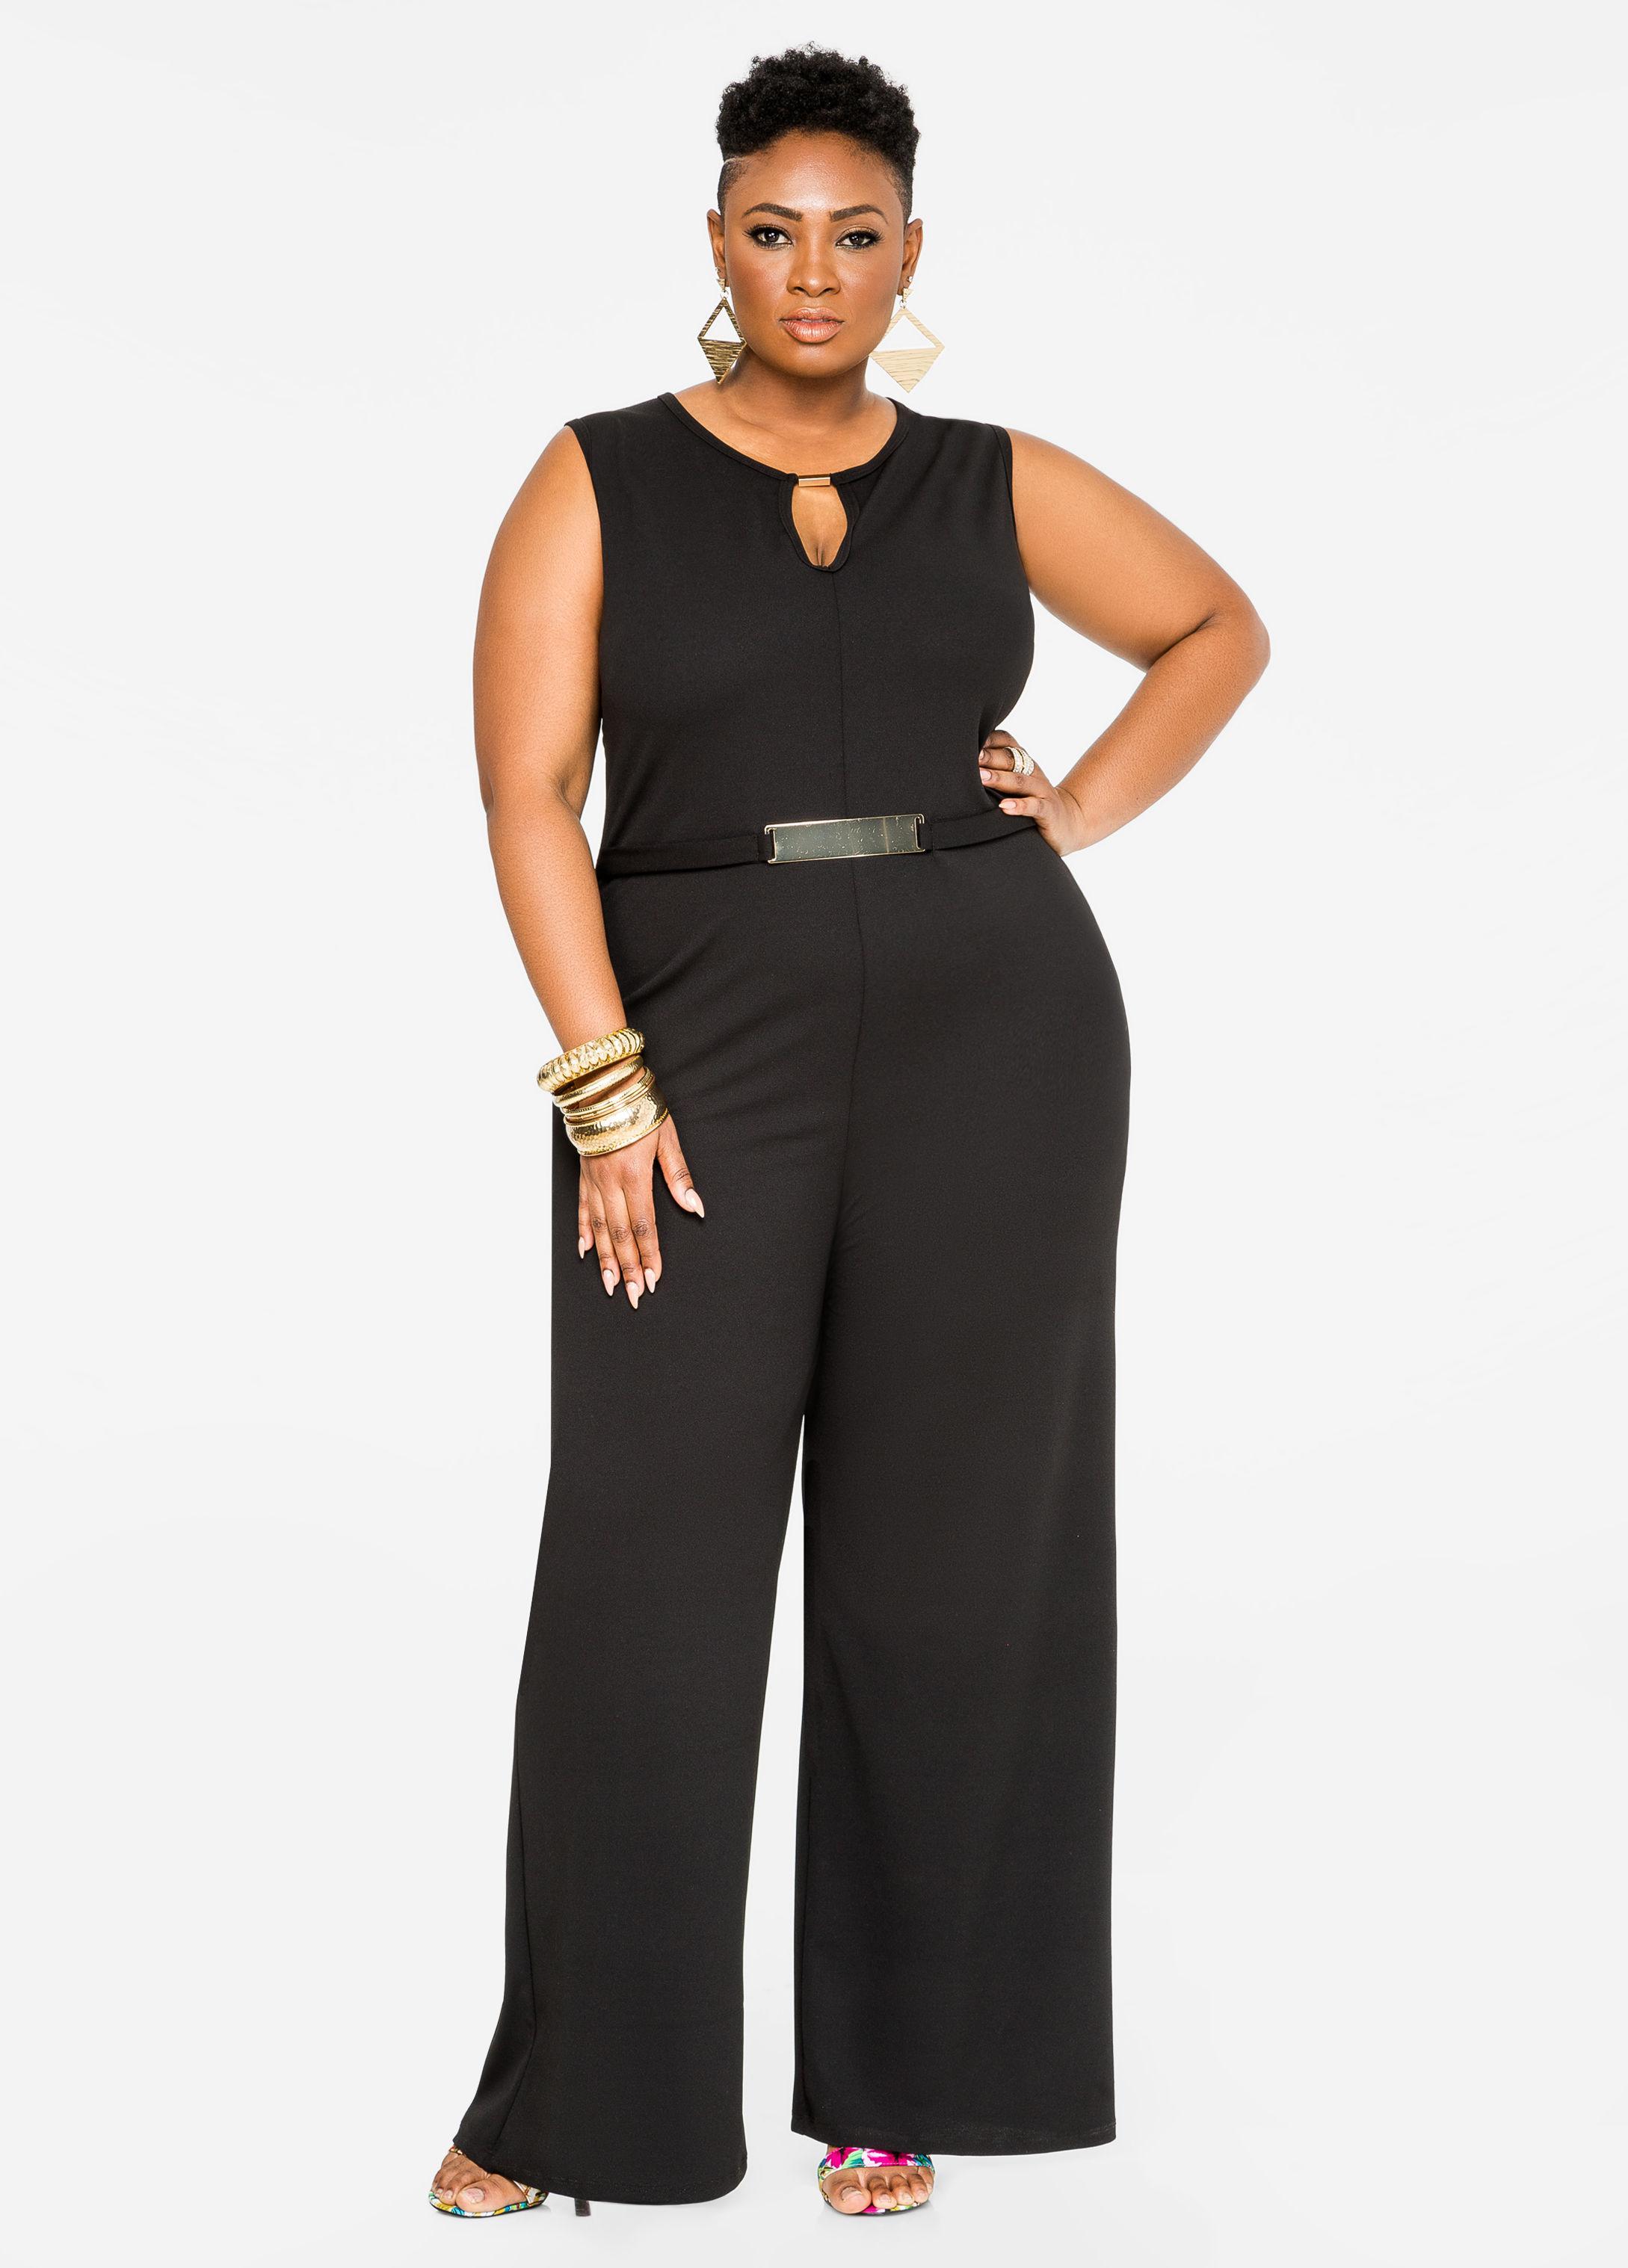 efd9fc1841a06 Lyst - Ashley Stewart Gold Bar Wide Leg Jumpsuit in Black